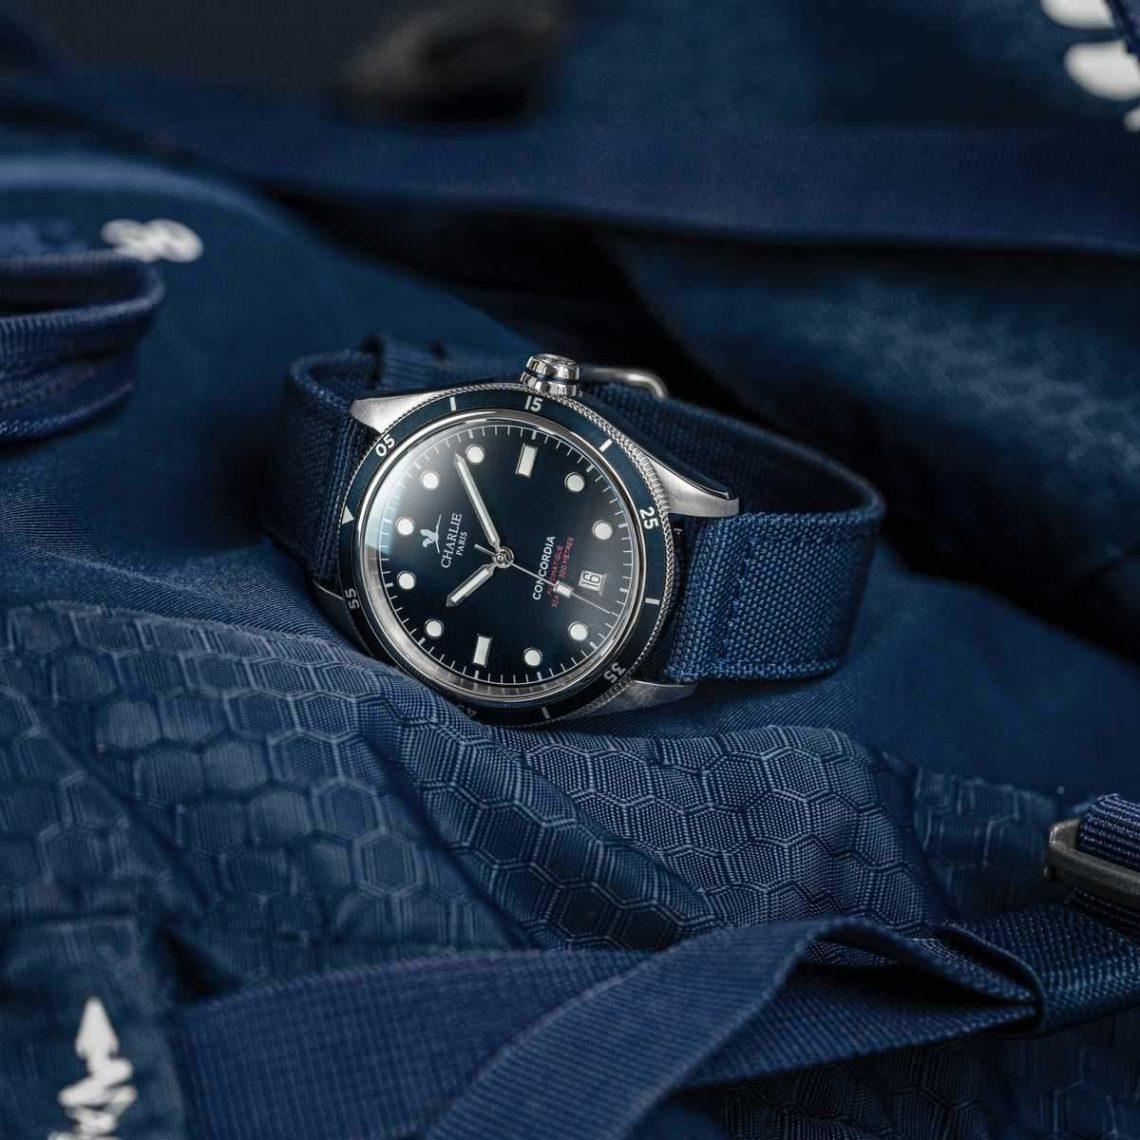 concordia-montre-plongee-homme-automatique-PoseBleucarre_2000x-1140x1140 Les montres pour homme incontournables de 2021